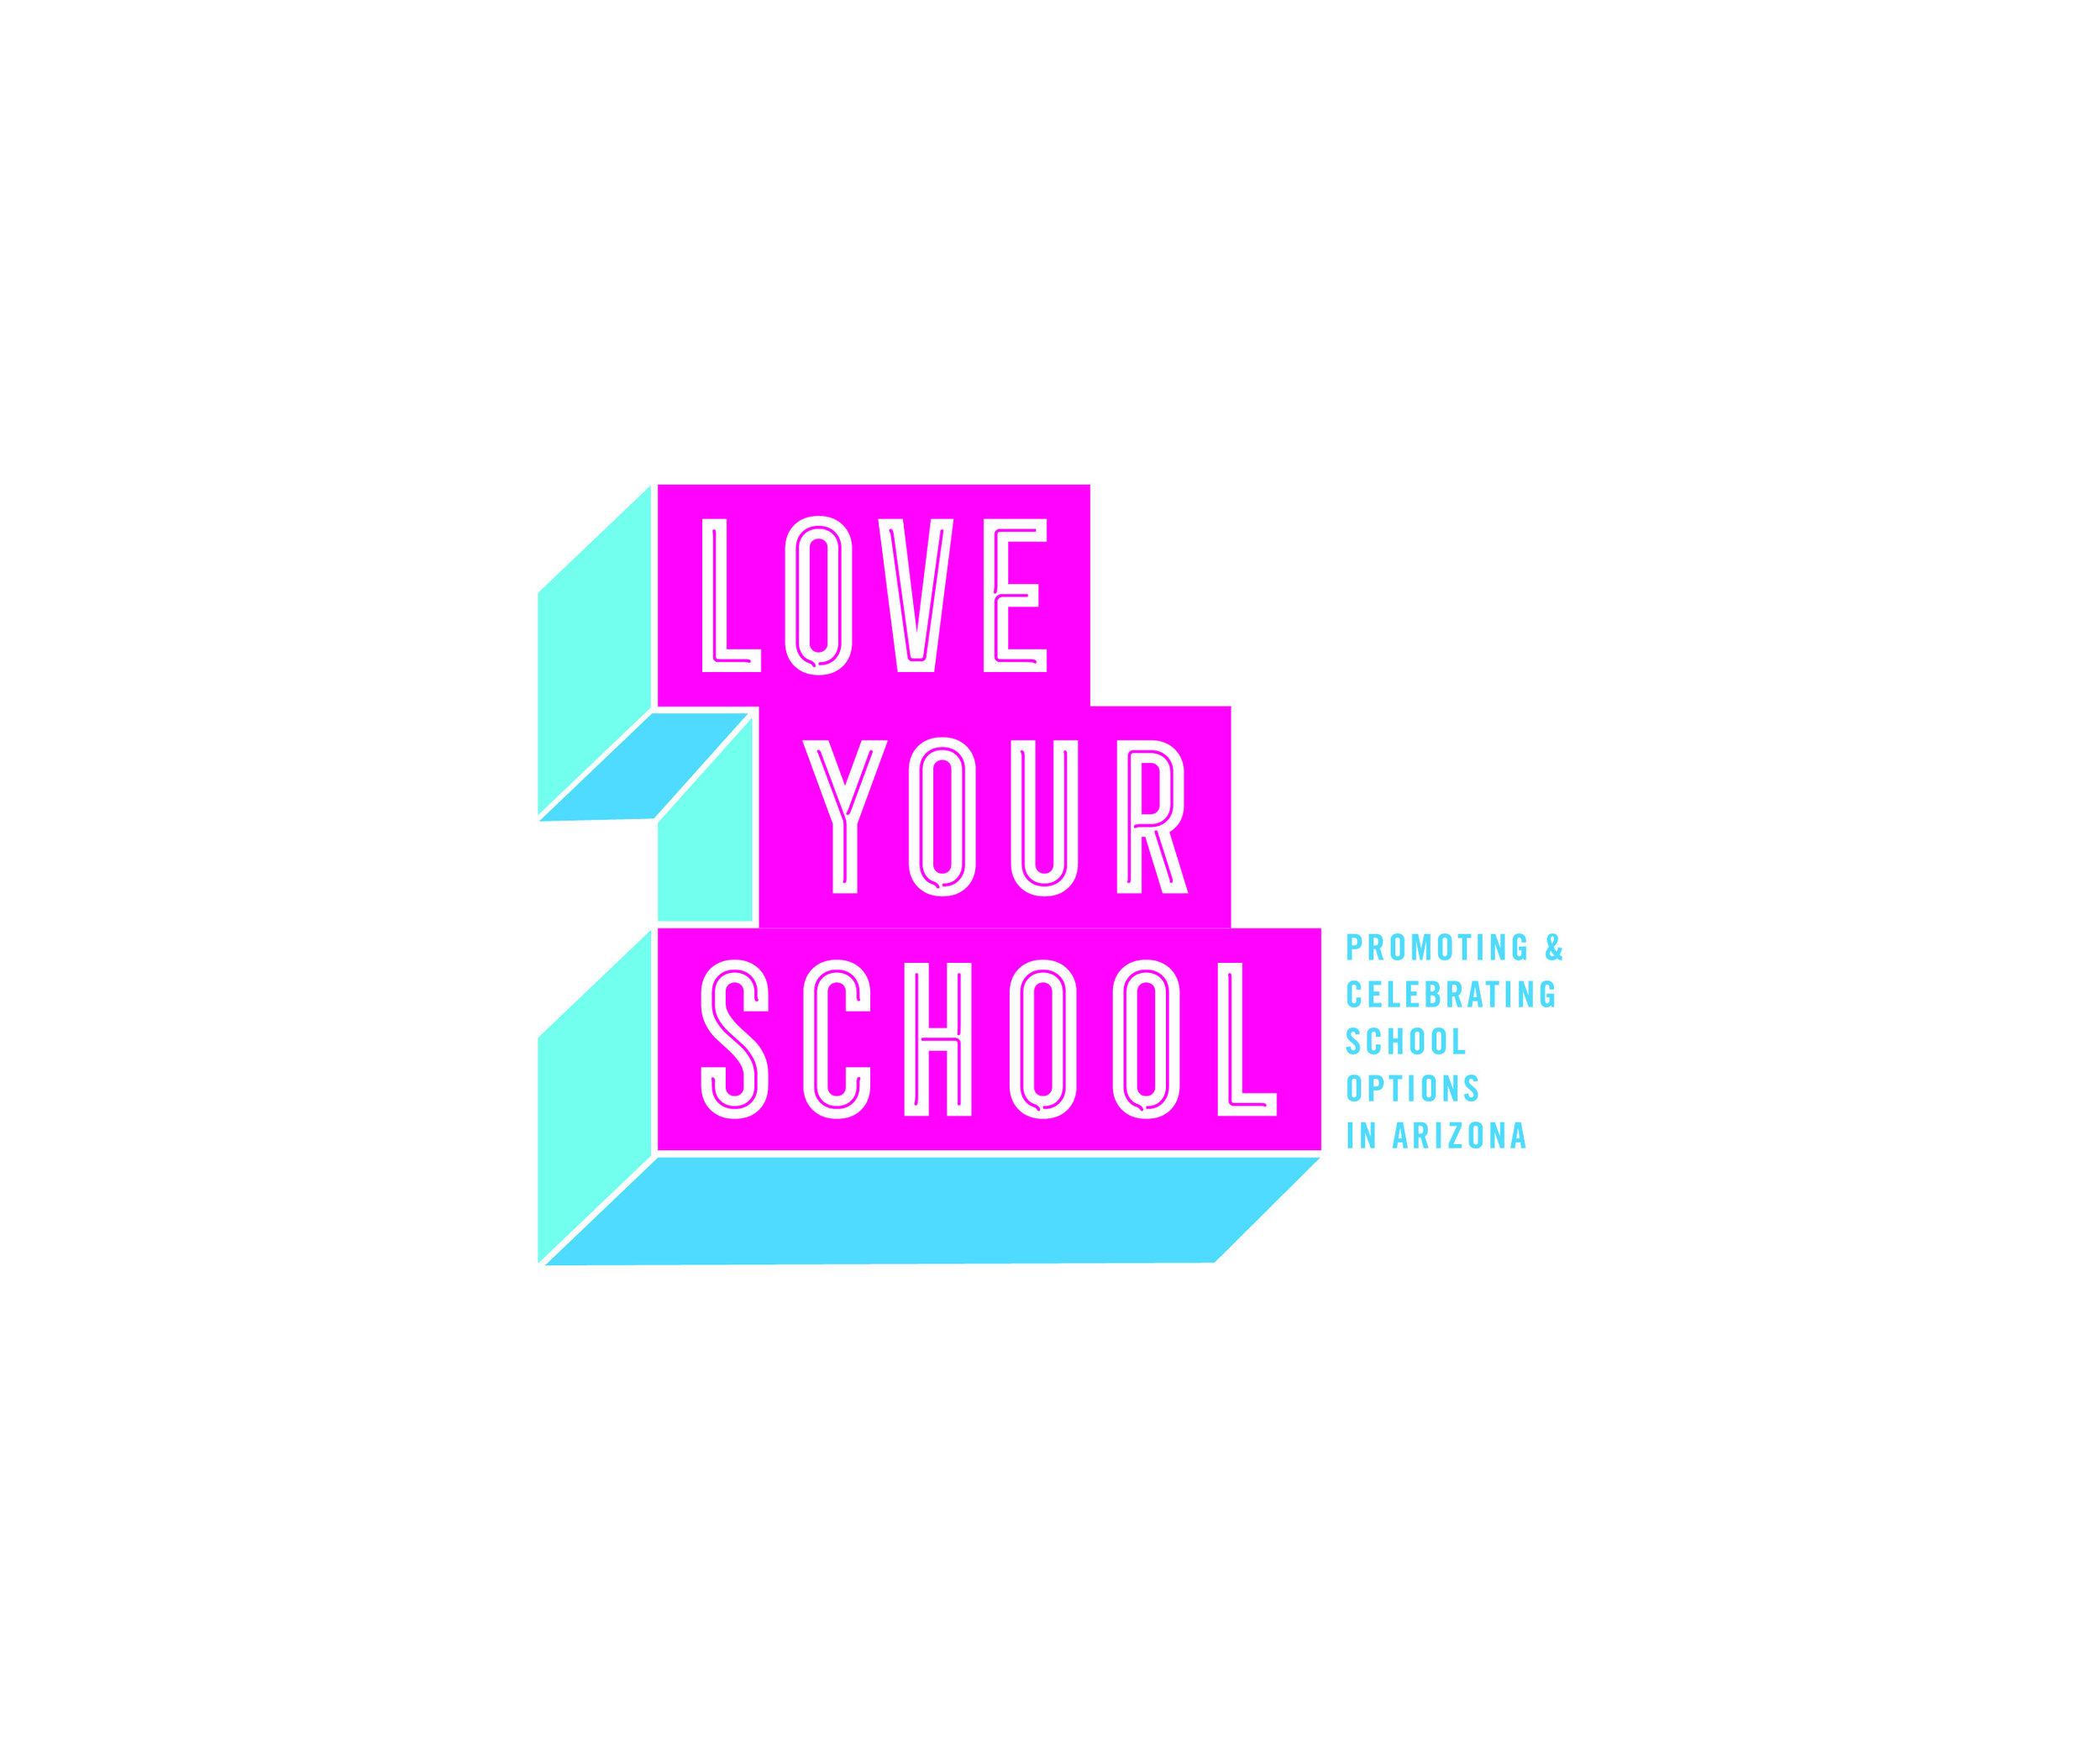 LoveYourSchool.jpg